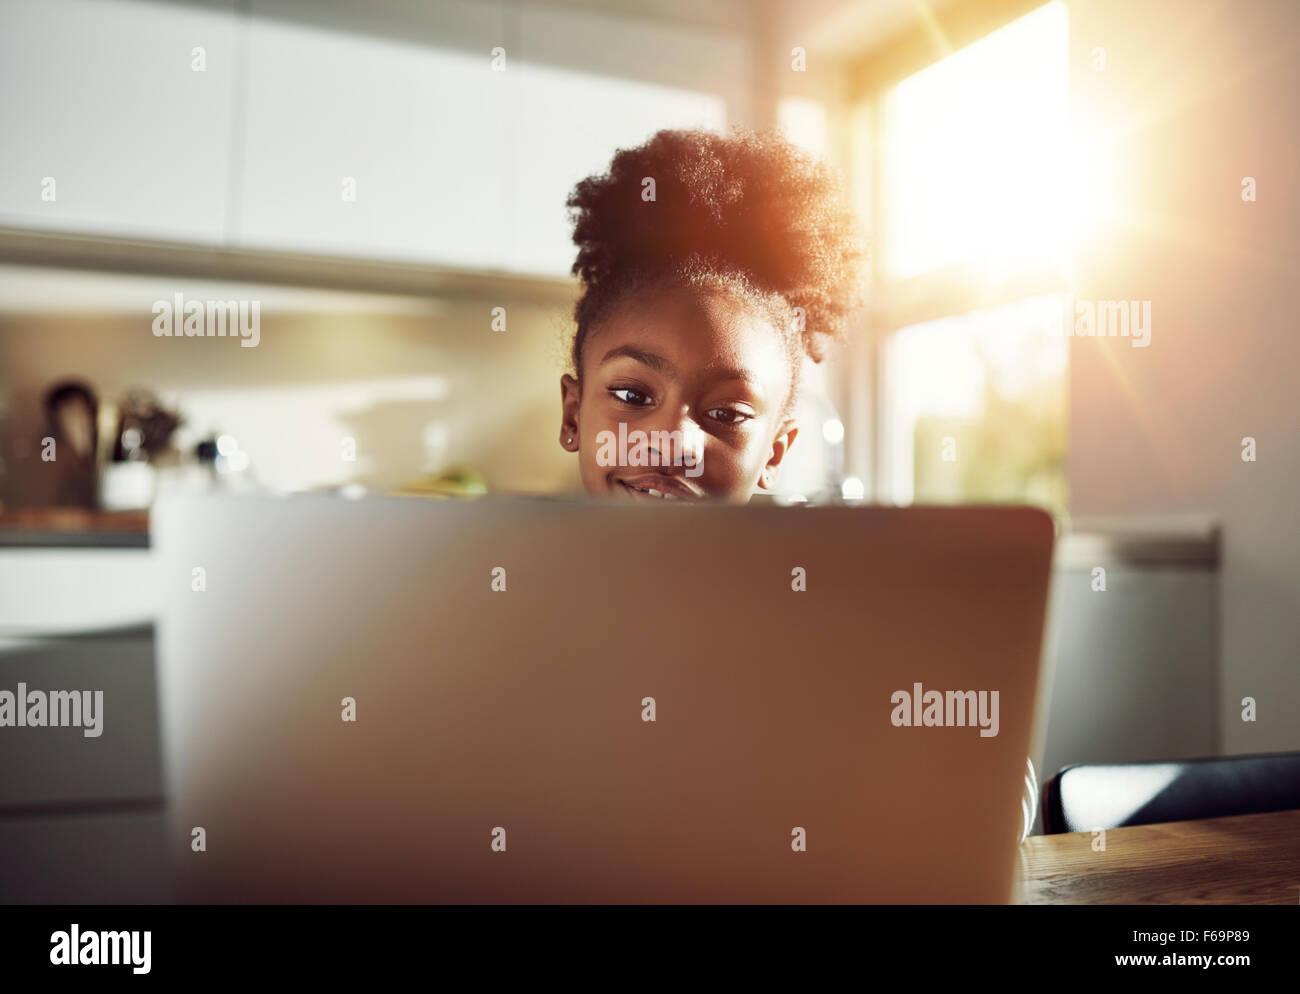 Negro chica sonriente con un lindo peinado sentado en un ordenador portátil la navegación en internet Imagen De Stock